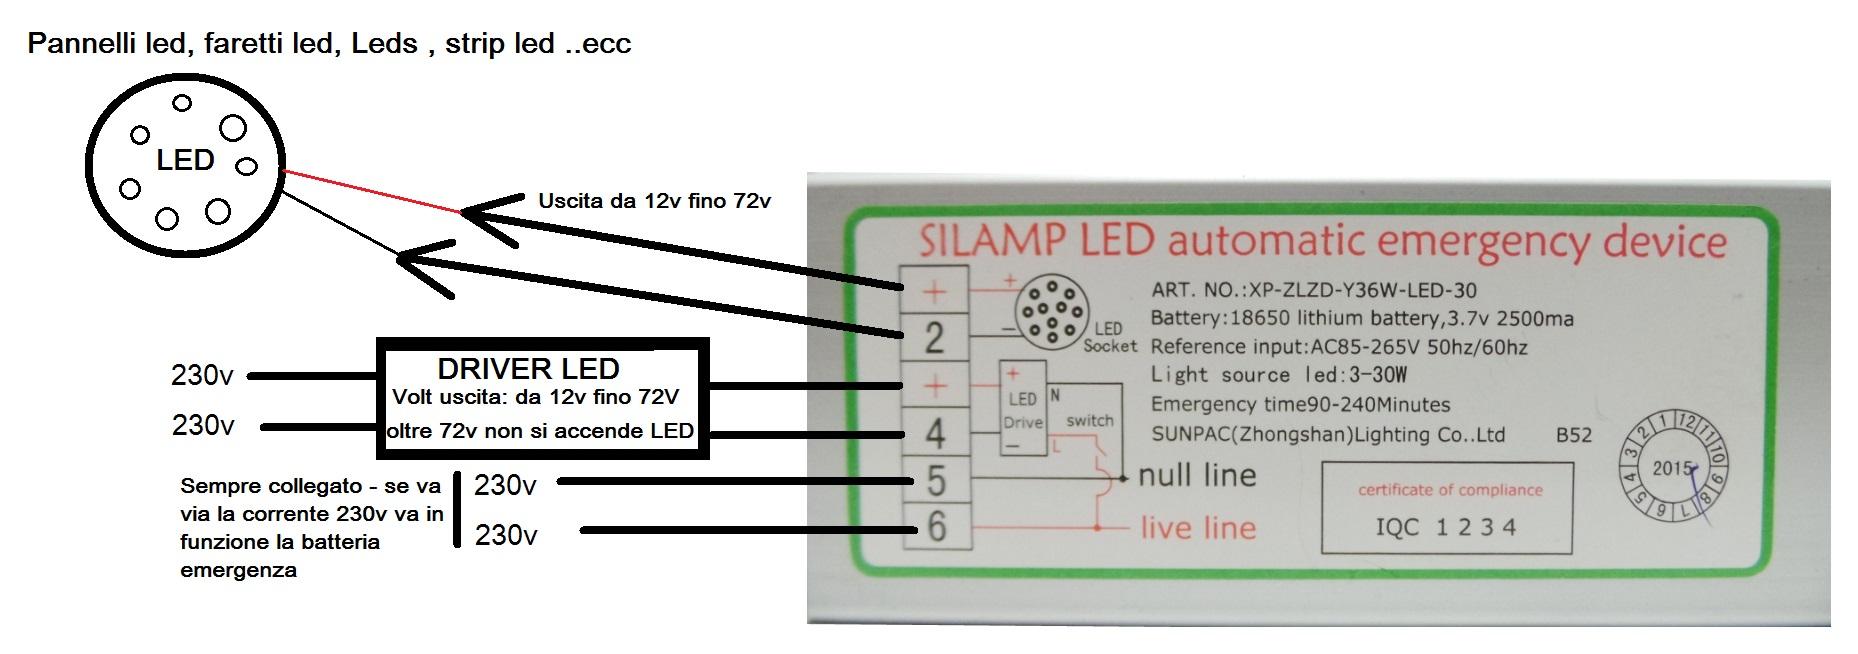 Schema Elettrico Led : Modello di circuito elettrico u vettoriali stock threecvet gmail